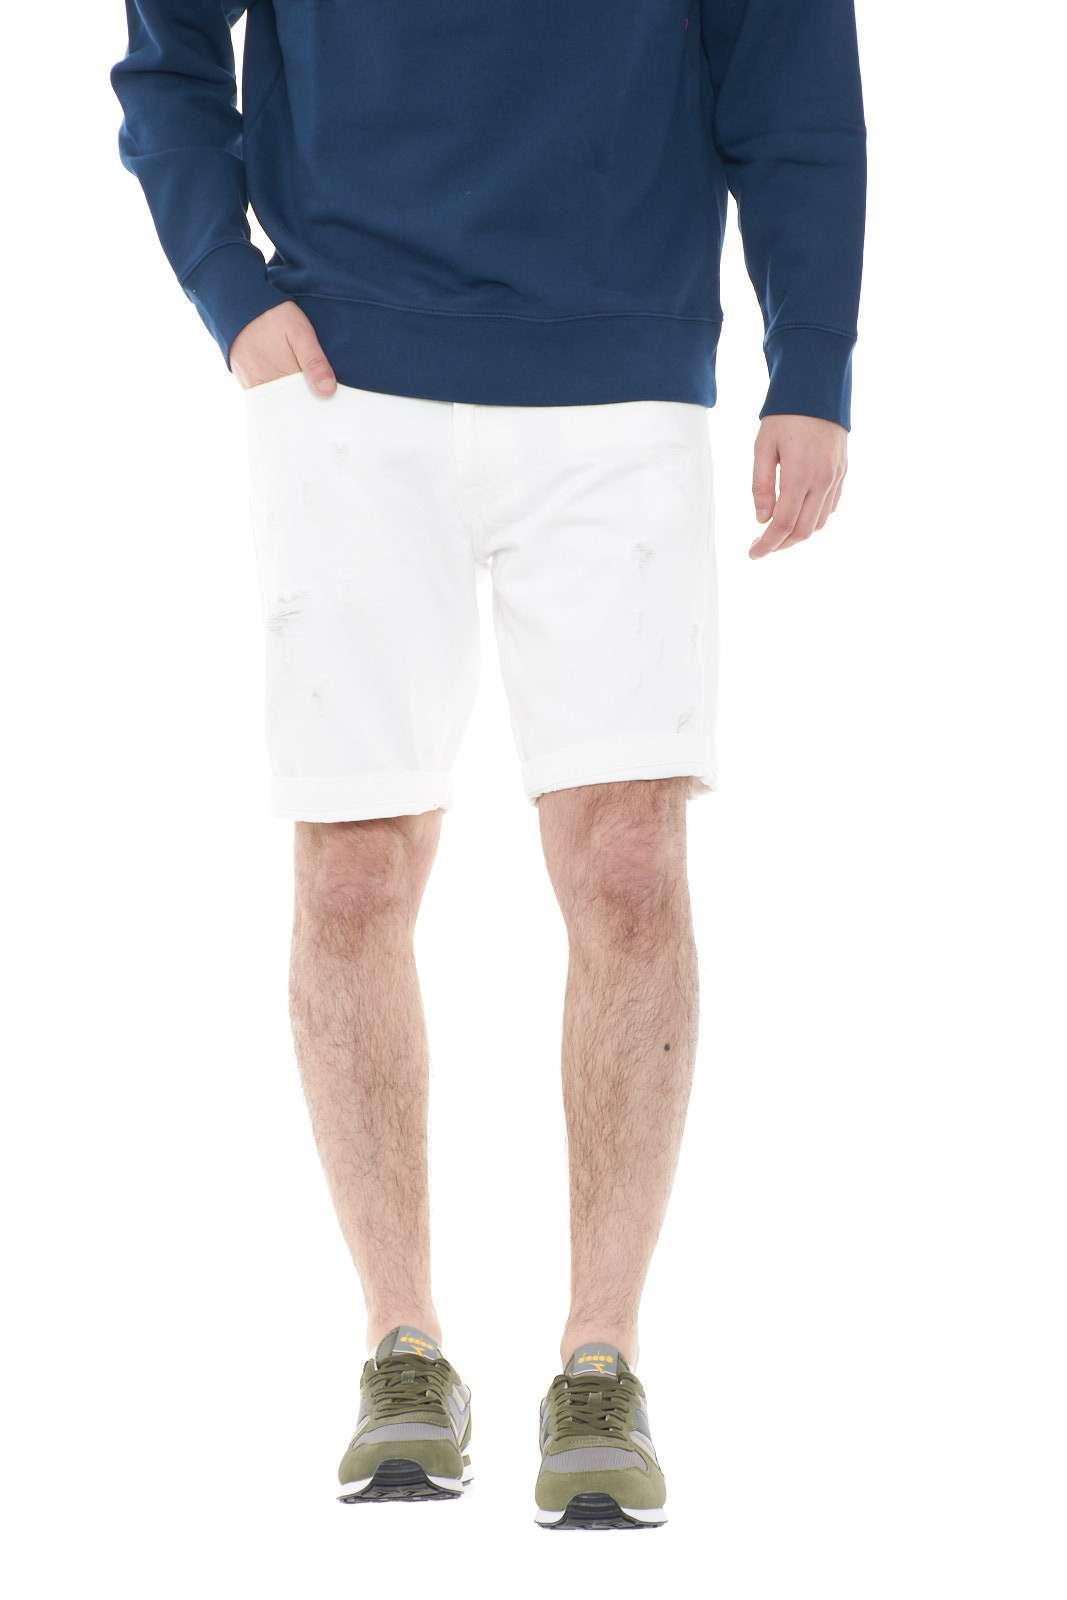 Un bermuda alla moda, ricco di stile il modello CULT MAN BULL Roy Rogers. Gli strappi regalano un'aspetto trendy e giovanile, rendendolo ideale per outfit estivi casual e iconici. Per l'uomo che ama regalarsi capi senza mezze misure.